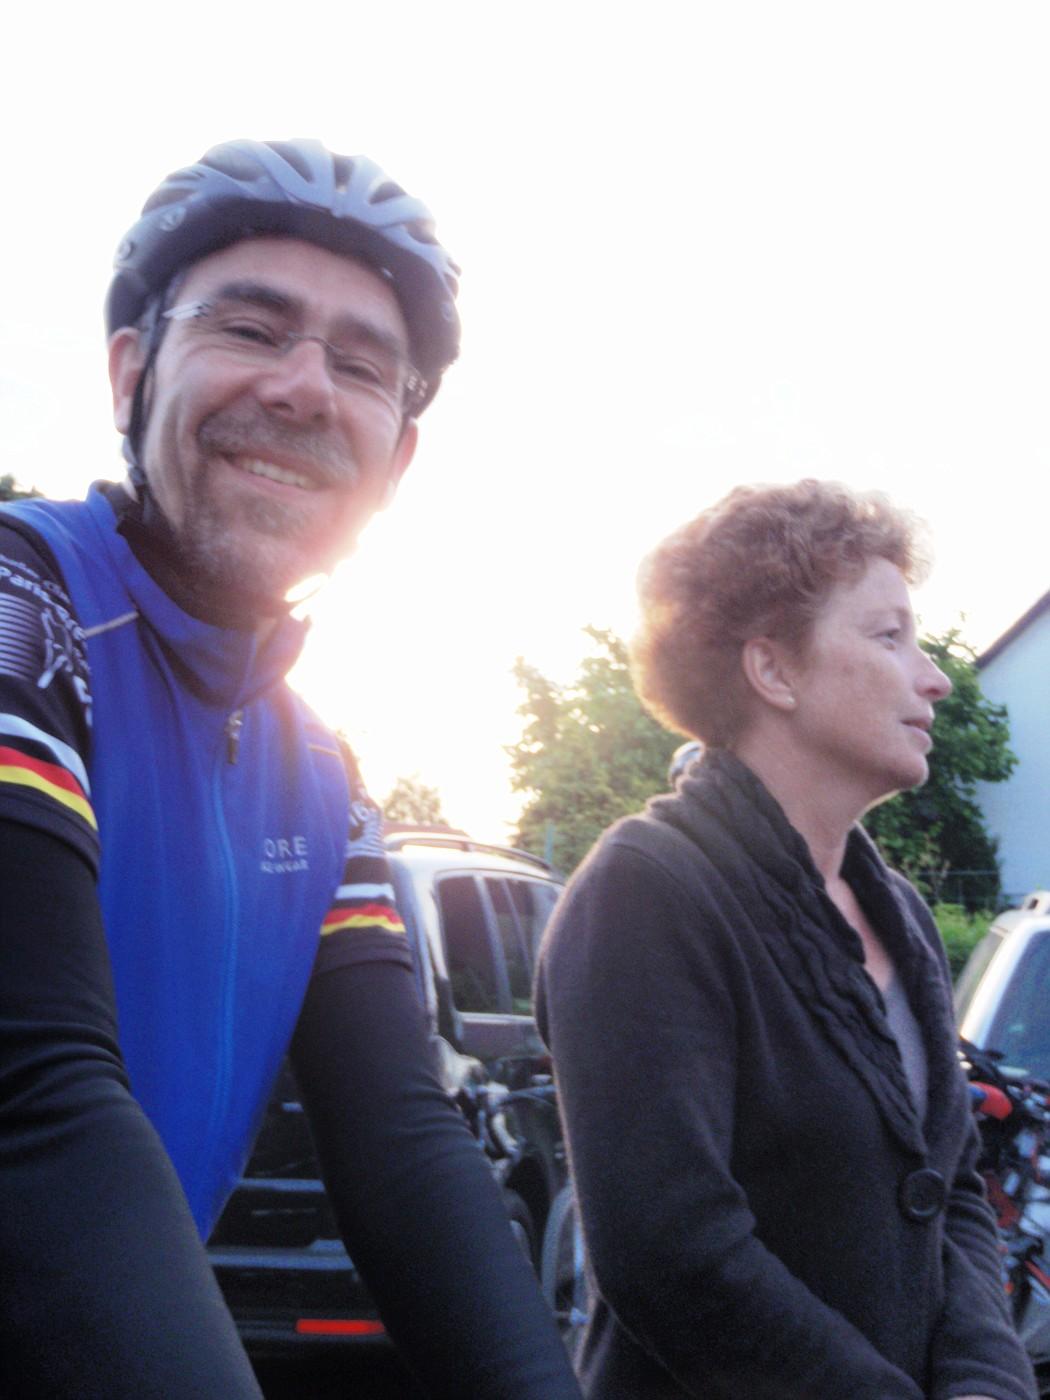 400km Brevet 14.05.2011